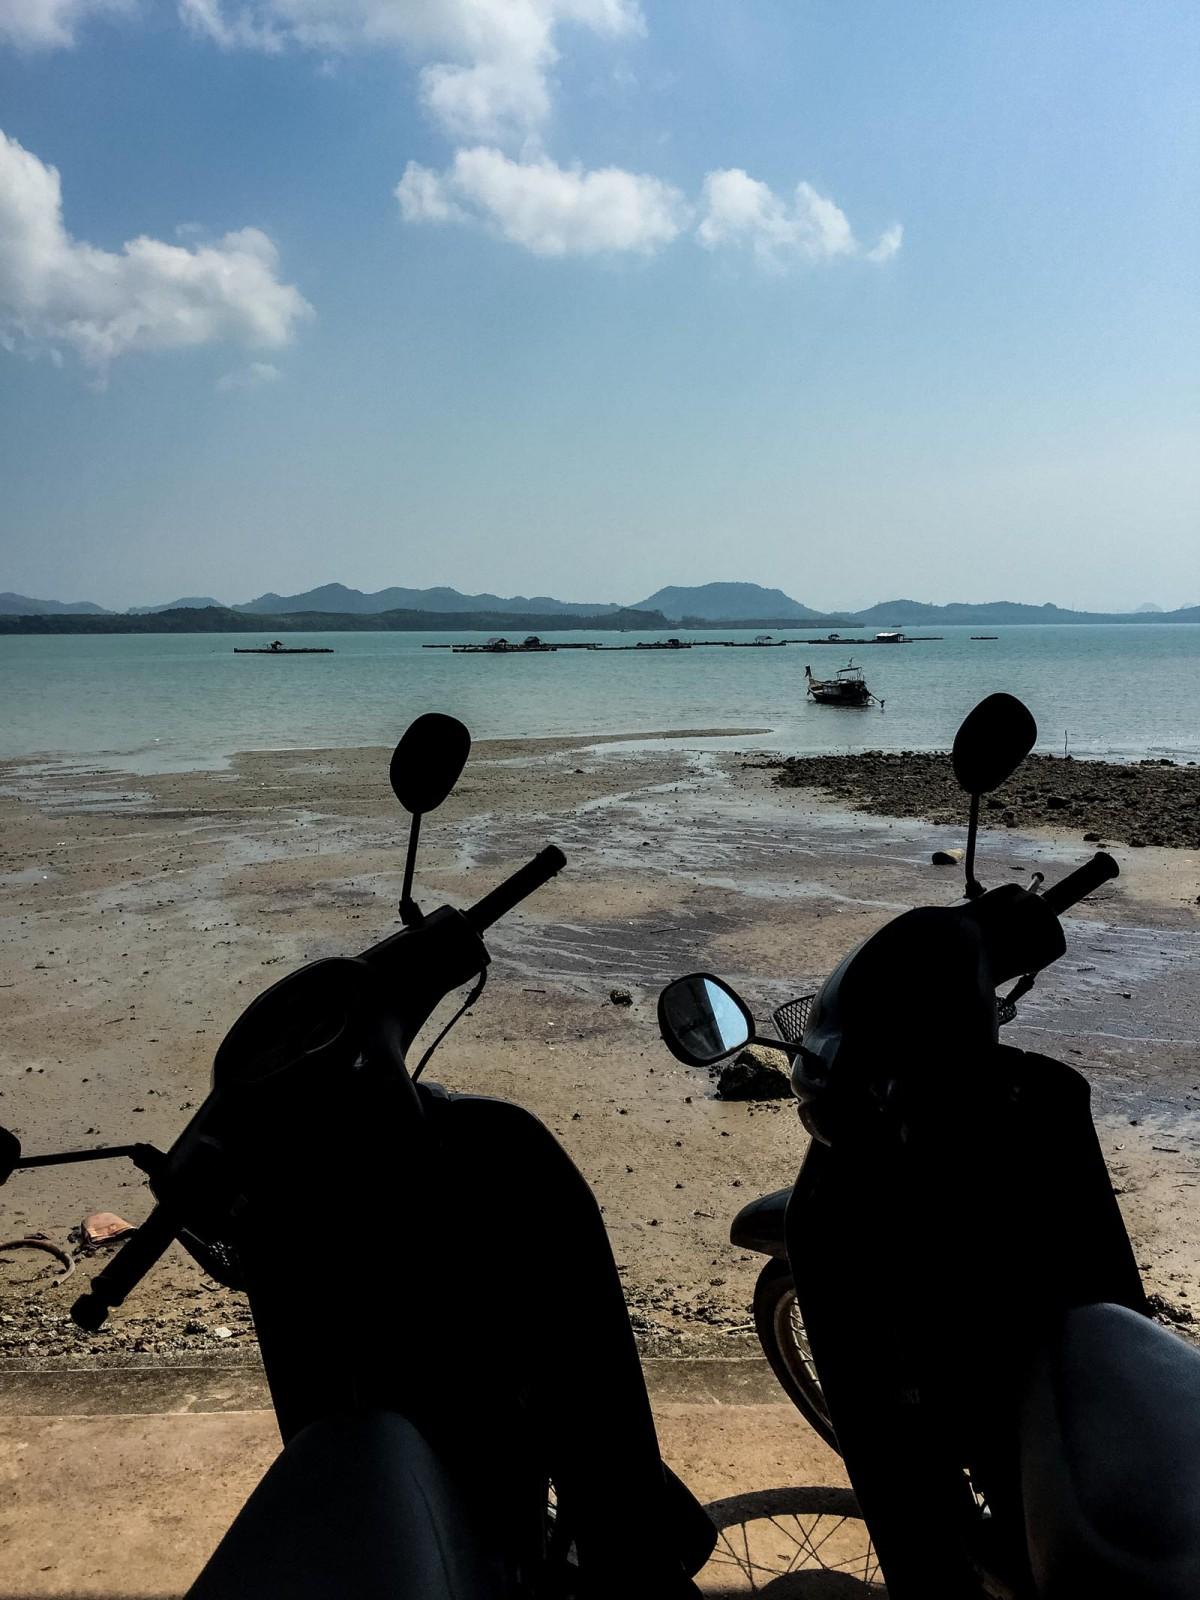 Scooter on Koh Yao Yai